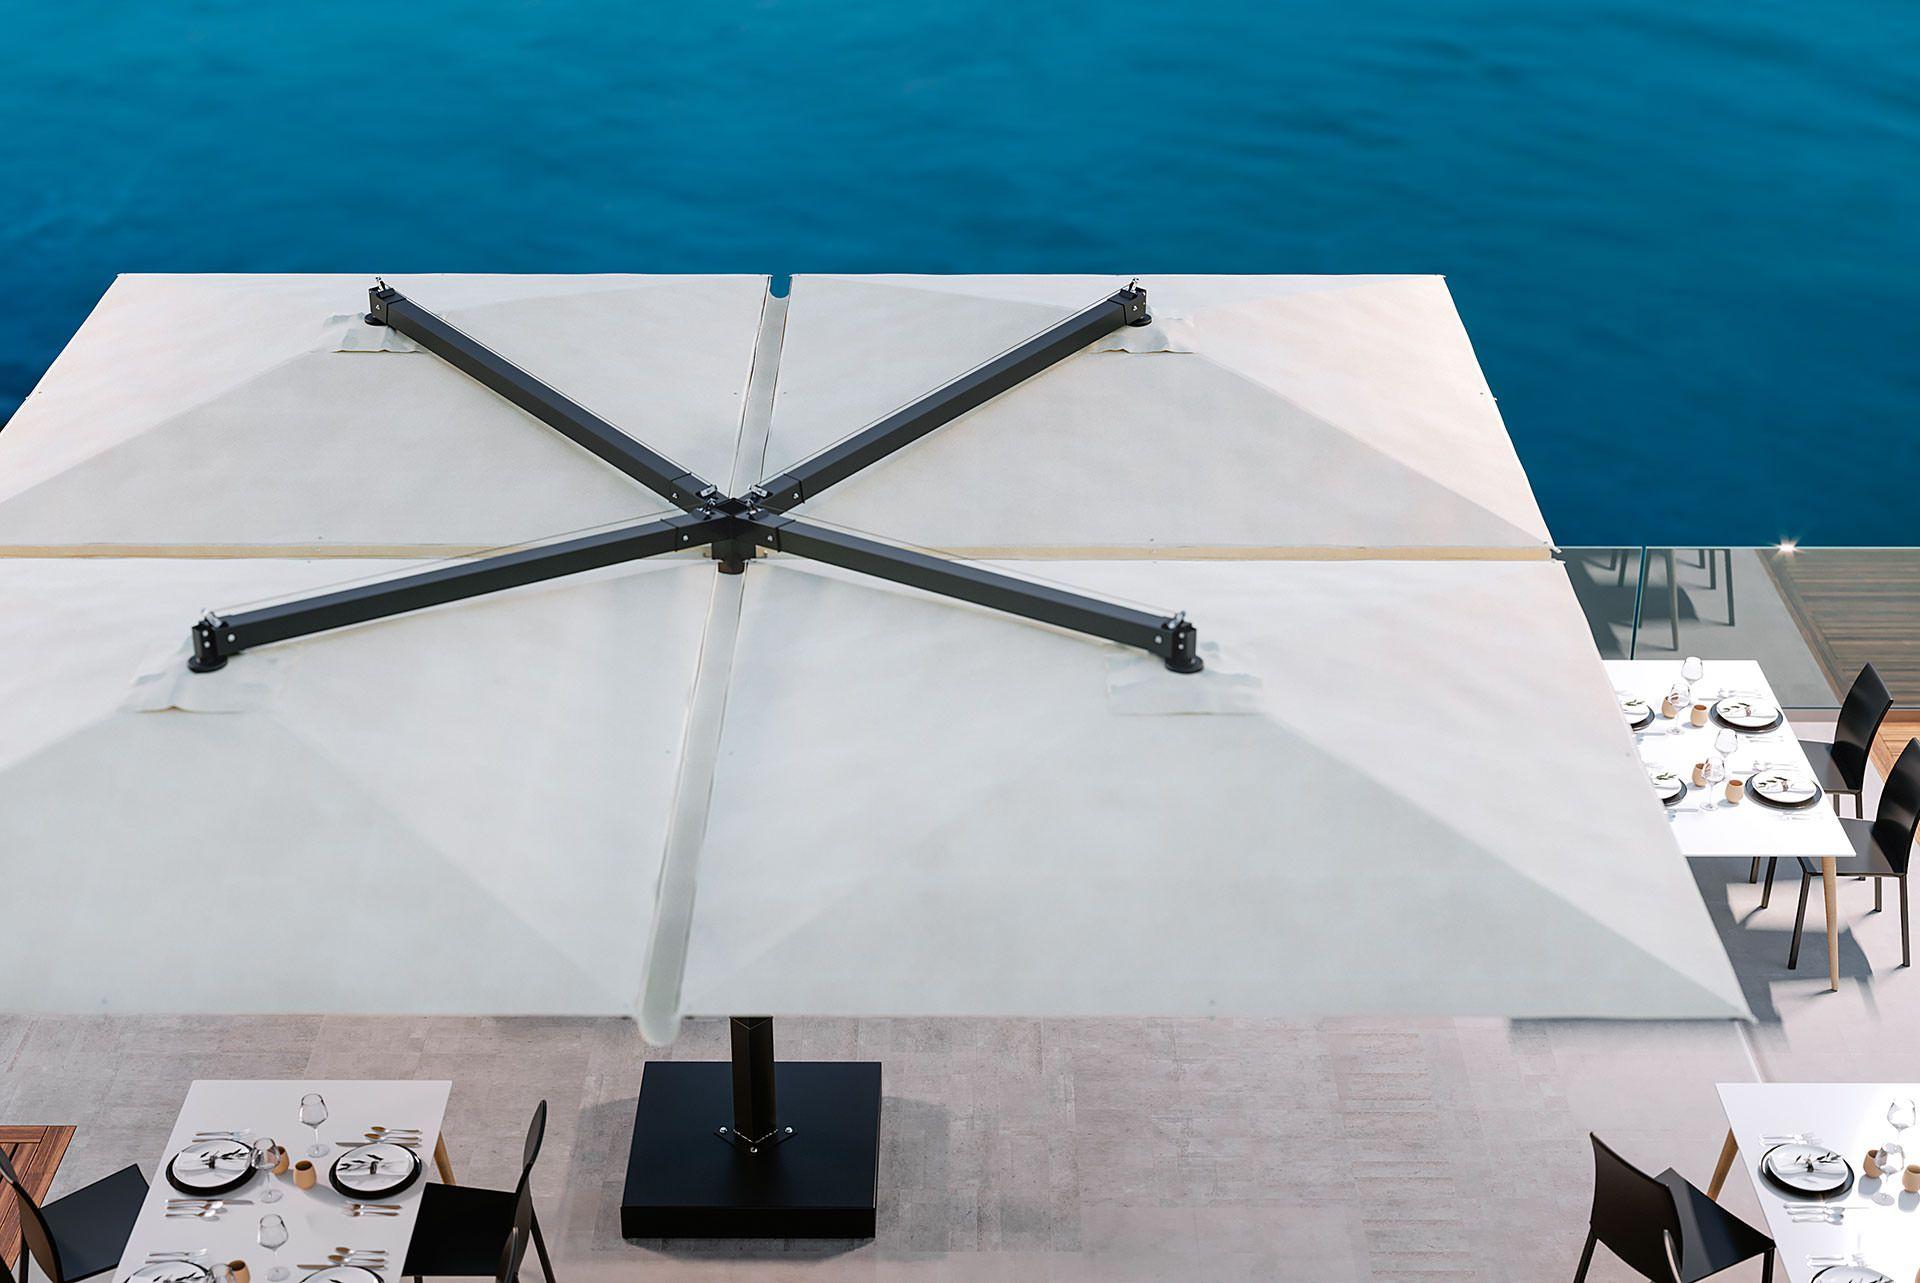 Scopri su eprice la sezione ombrelloni da giardino e acquista online. Home Ombrellificio Veneto By Doro